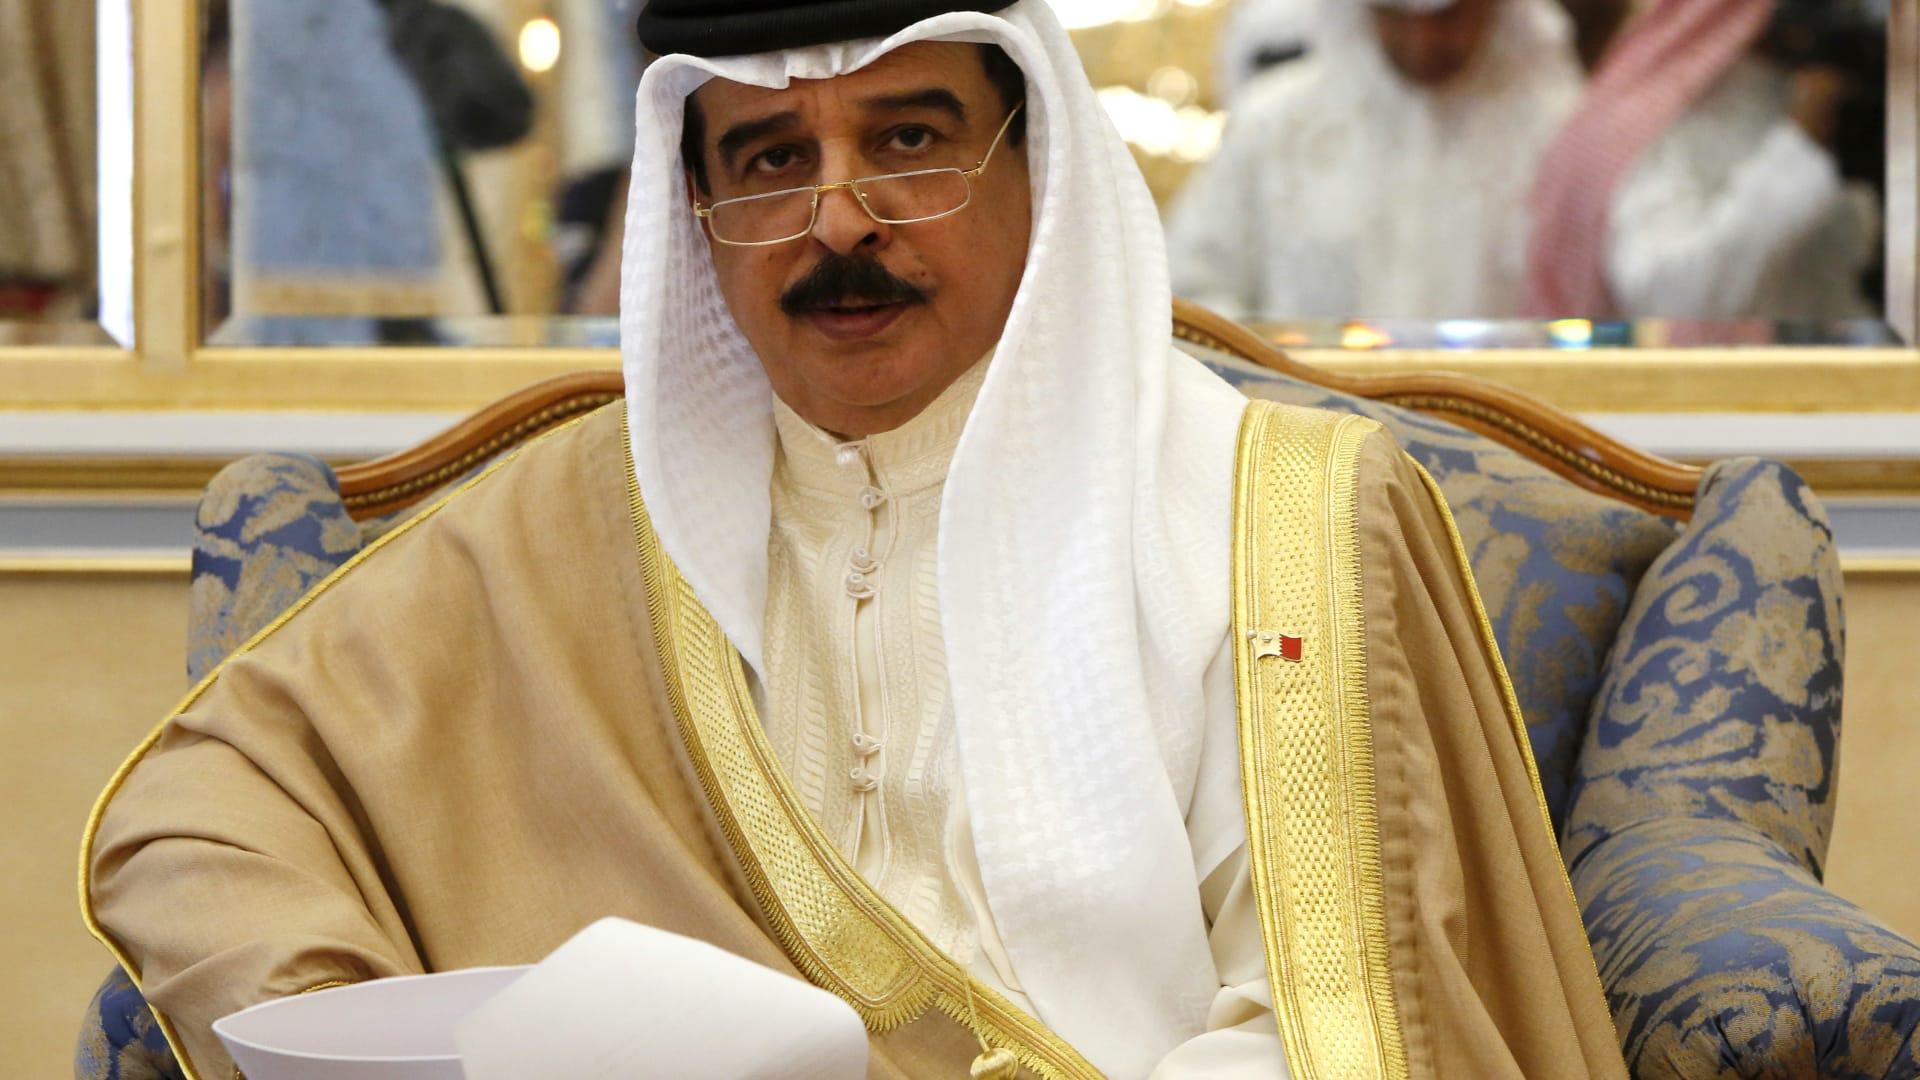 """بعد توقيع اتفاقية لمحاربة """"معاداة السامية"""".. بومبيو يوجه رسالة لملك البحرين"""